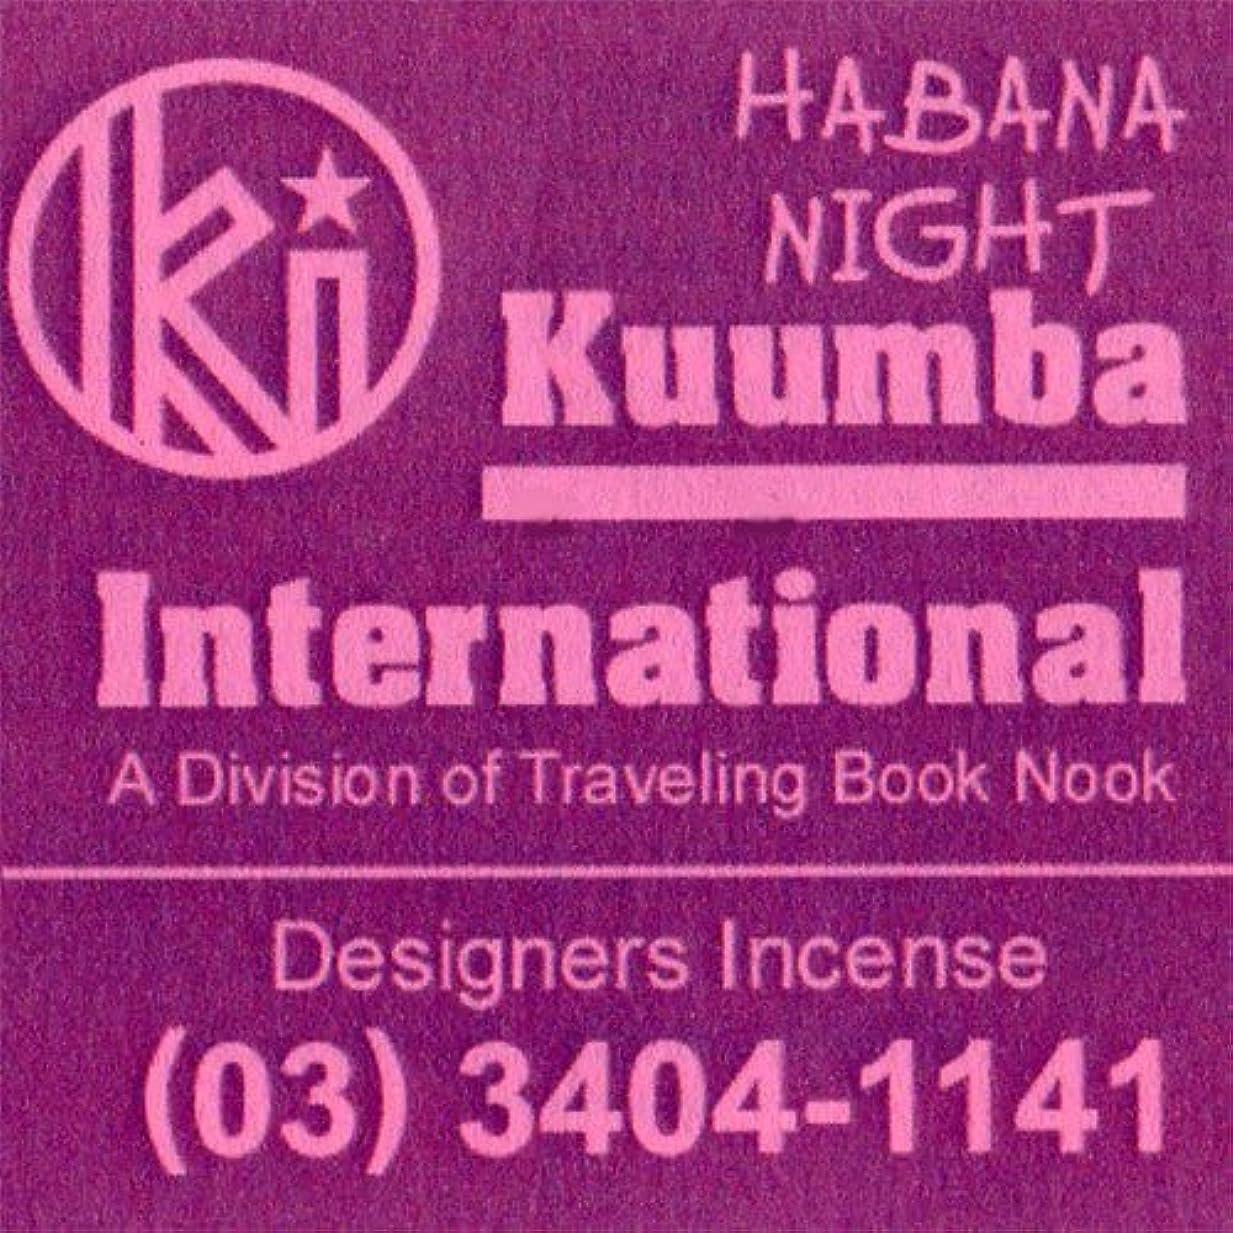 スーダン農業ビンKUUMBA/クンバ『incense』(HABANA NIGHT) (Regular size)